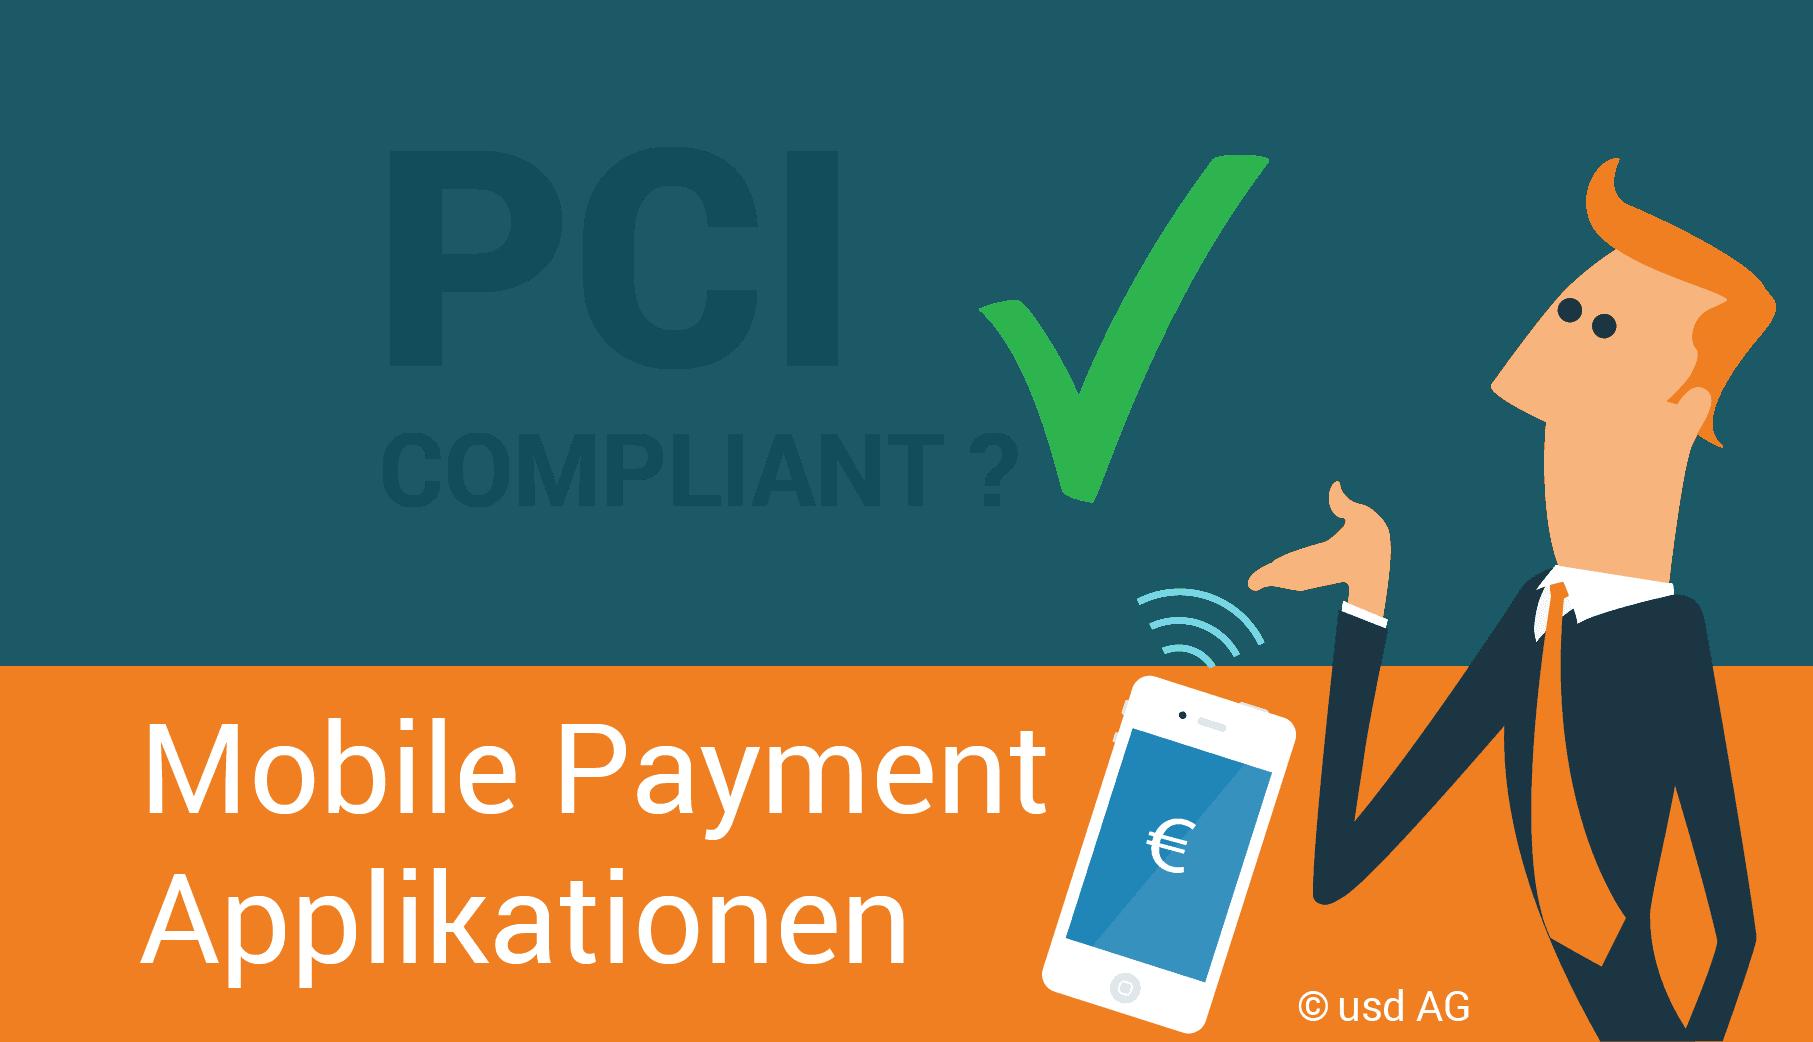 Mobile Payment Applikationen und PCI – Was ist in puncto Sicherheit zu tun?